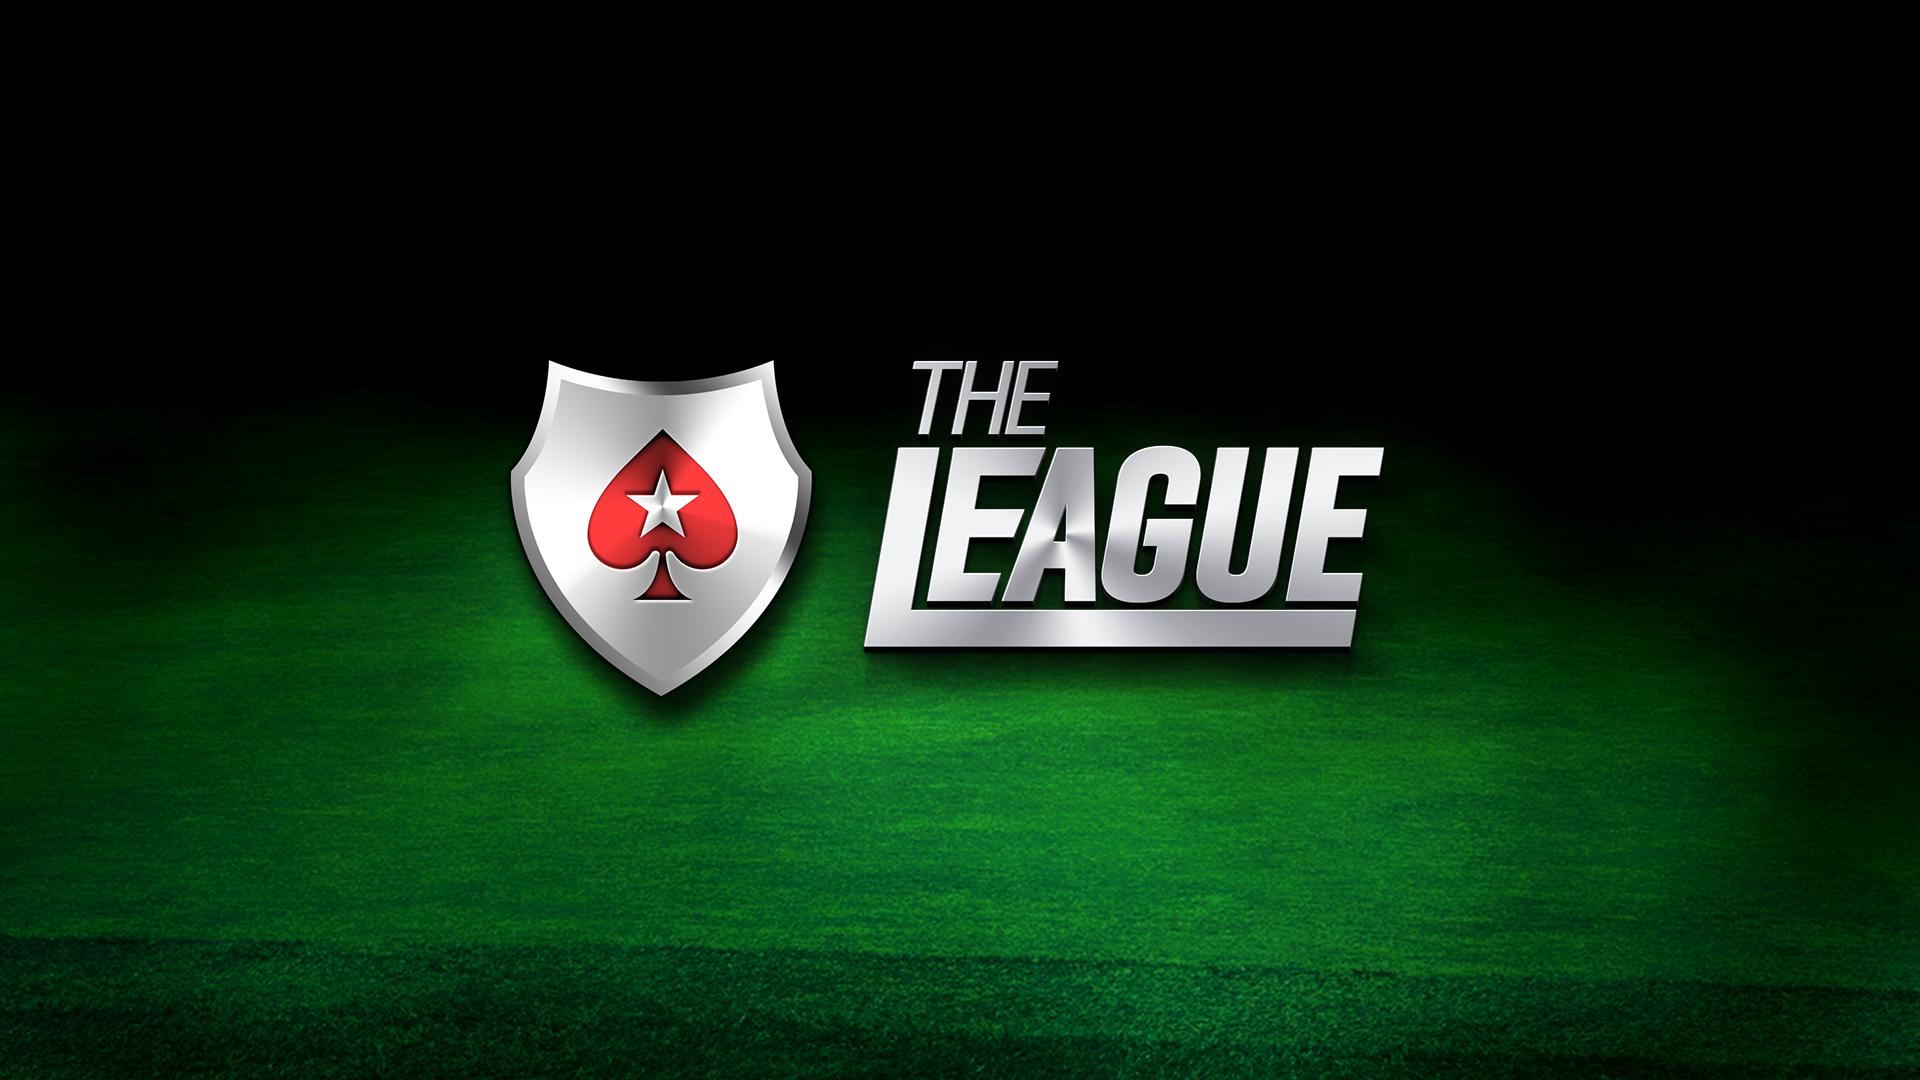 logo-the-league-363color.png